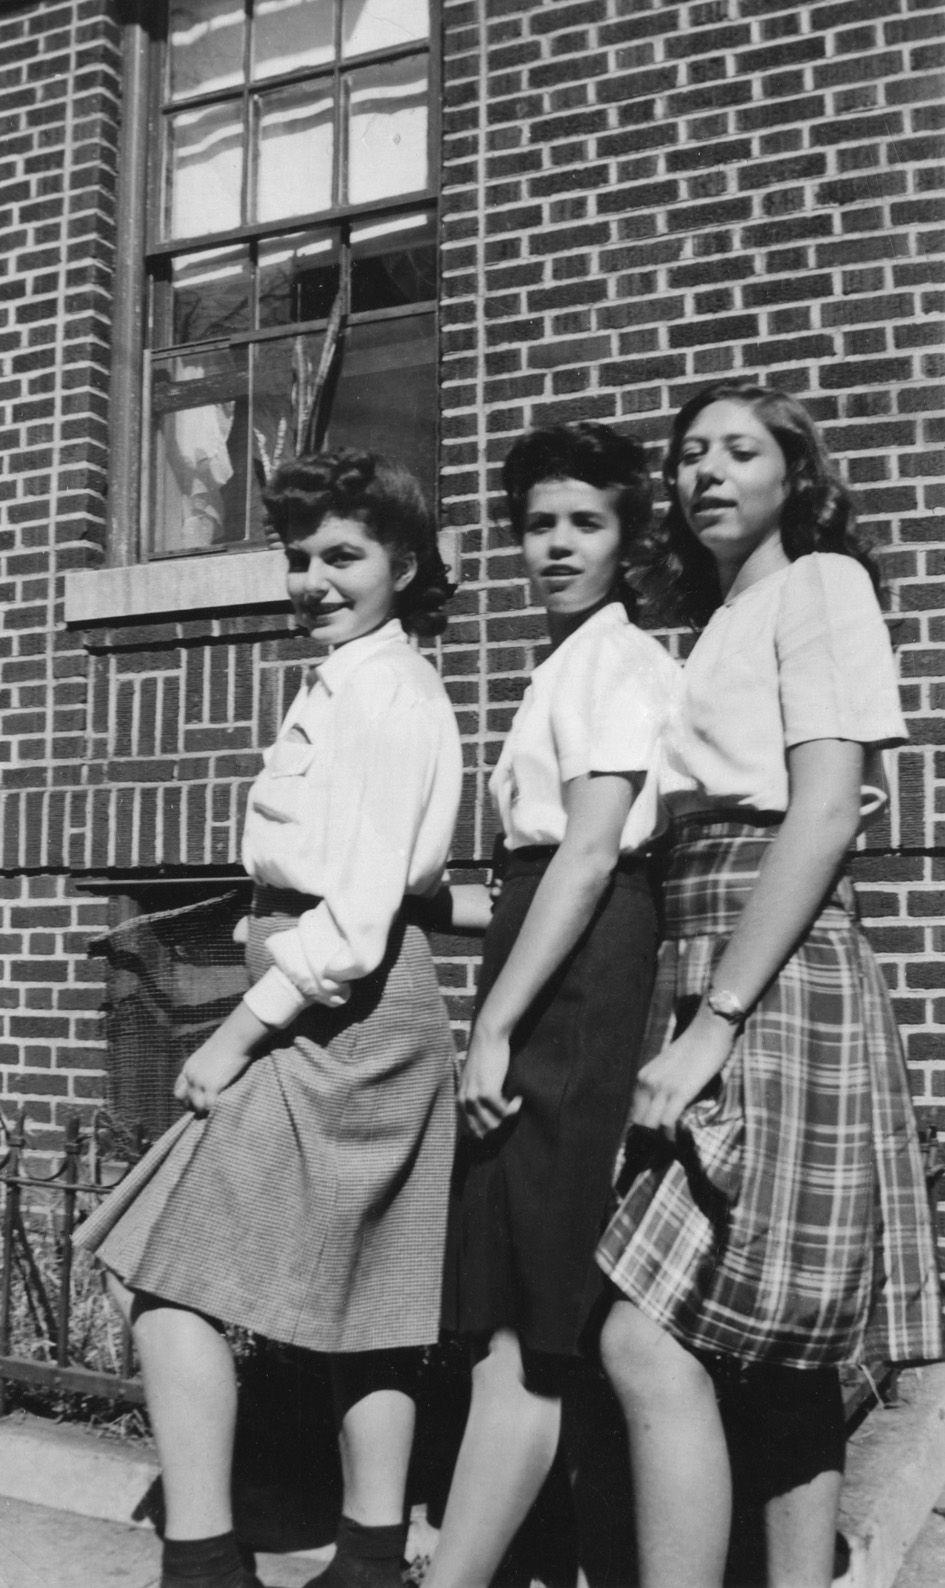 Vintage British School Girl 'vintage british schoolgirls'